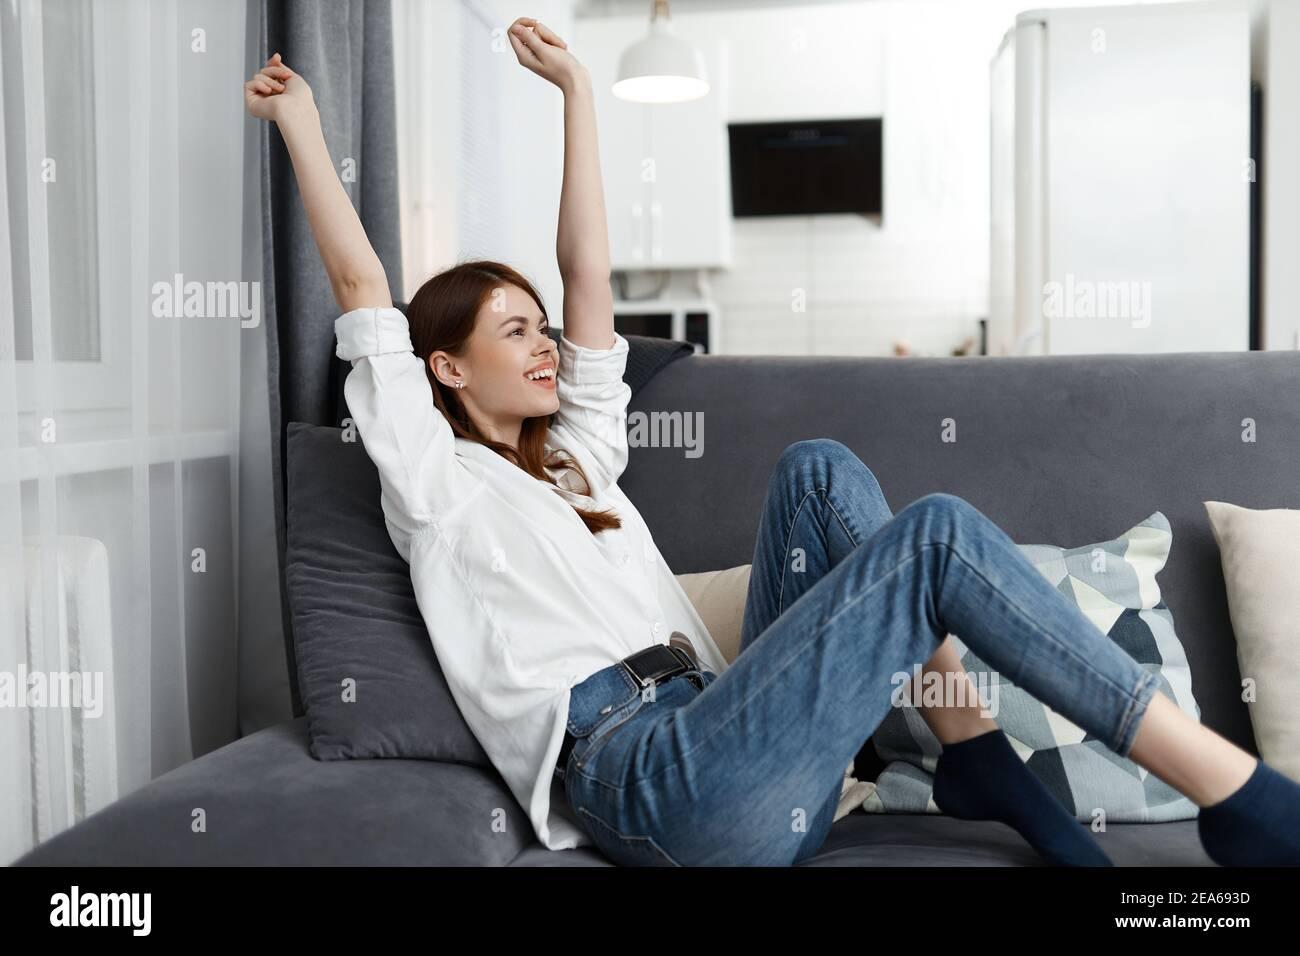 femme assise avec les mains levées vers le haut sur le canapé appartement à temps libre Banque D'Images